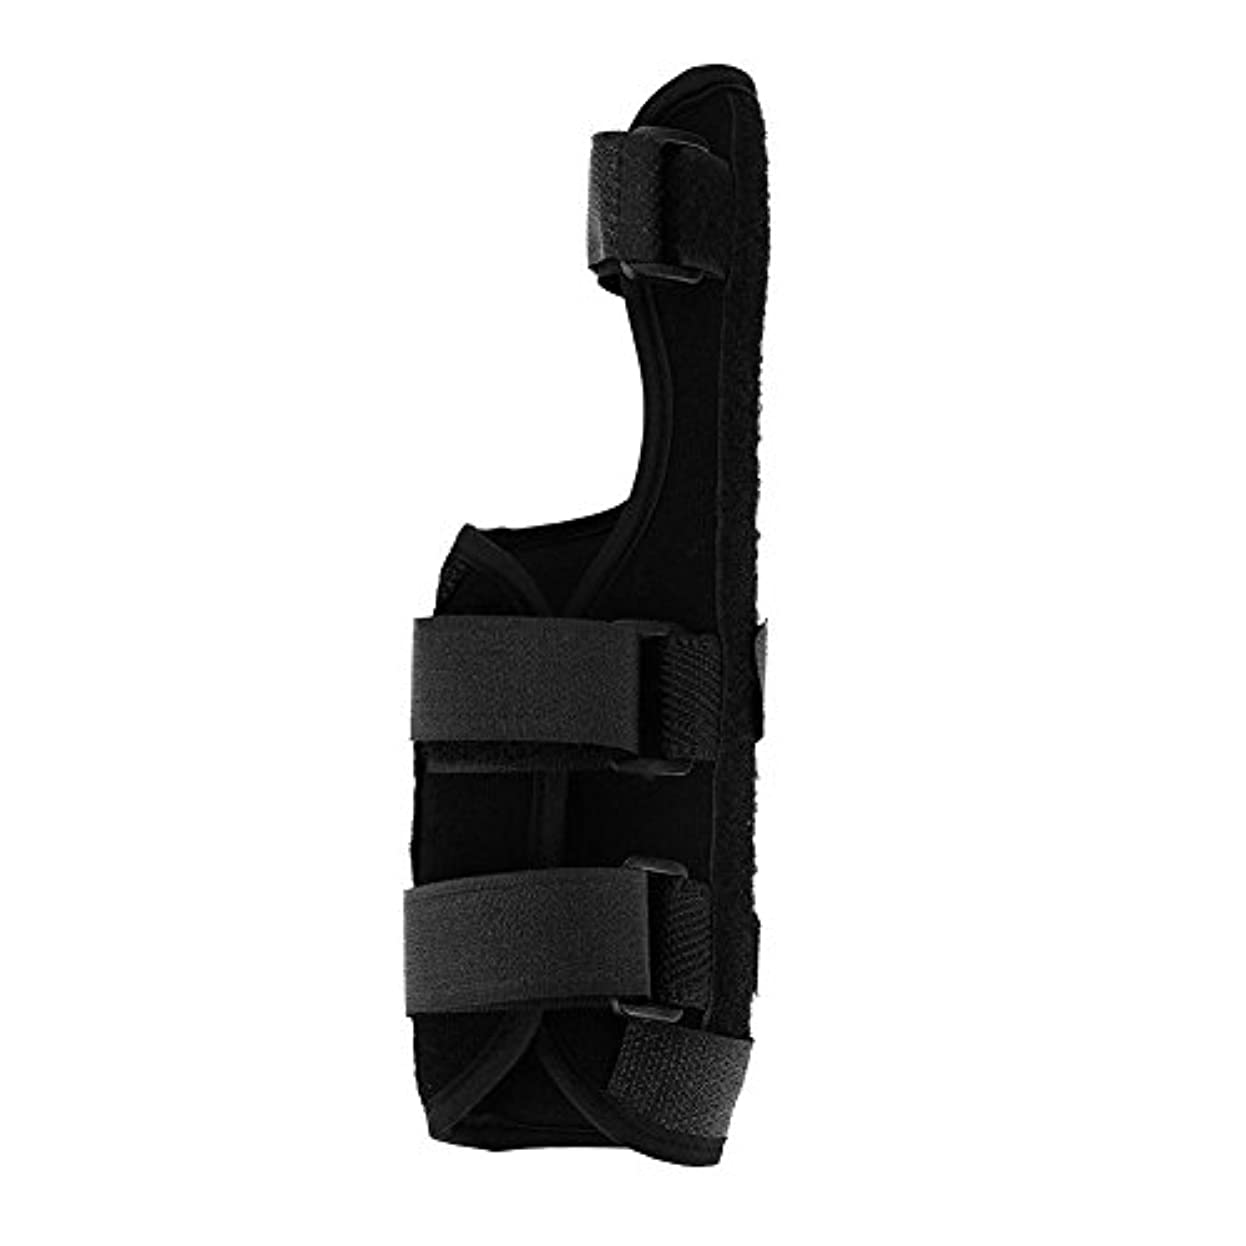 いちゃつく線形トンネル高度な手首ブレース - 手根管手首副子。手根管症候群、手首の痛み、捻挫、RSI、関節炎の即時鎮痛に最適(IzquierdaL)